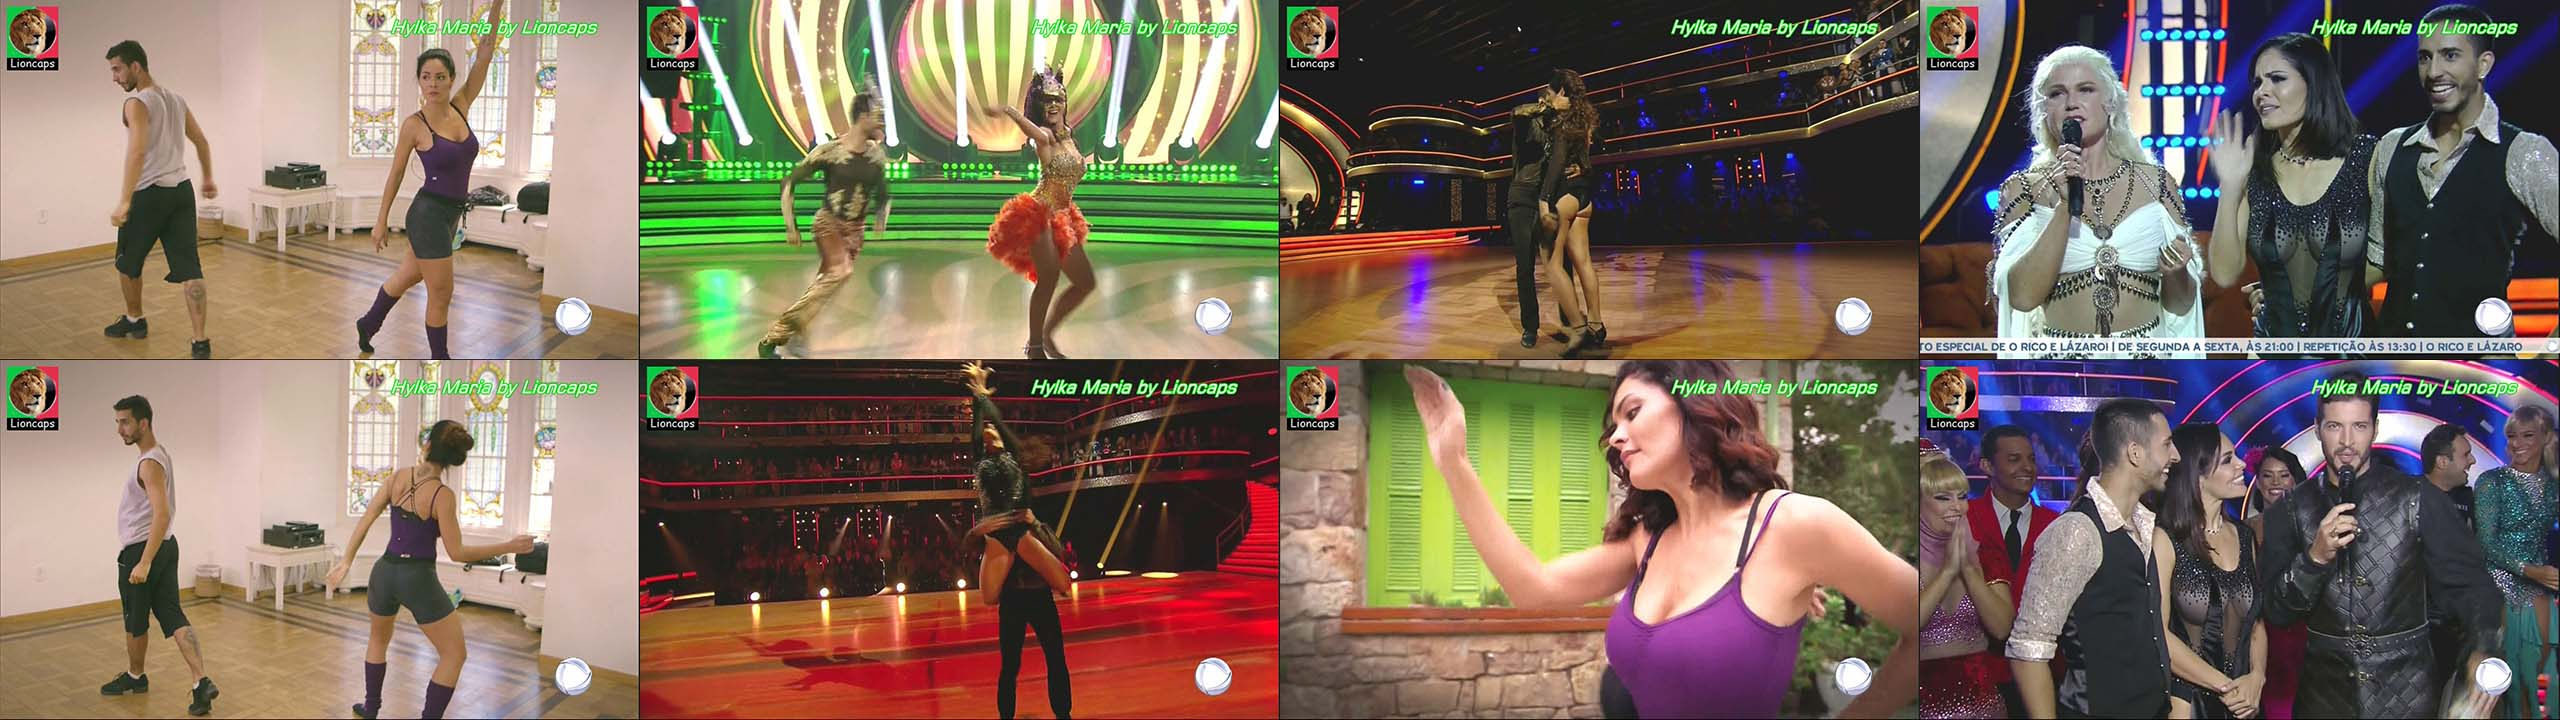 860807196_hylka_maria_dancing_brasil_1080_lioncaps_15_08_2018_08_122_198lo.jpg